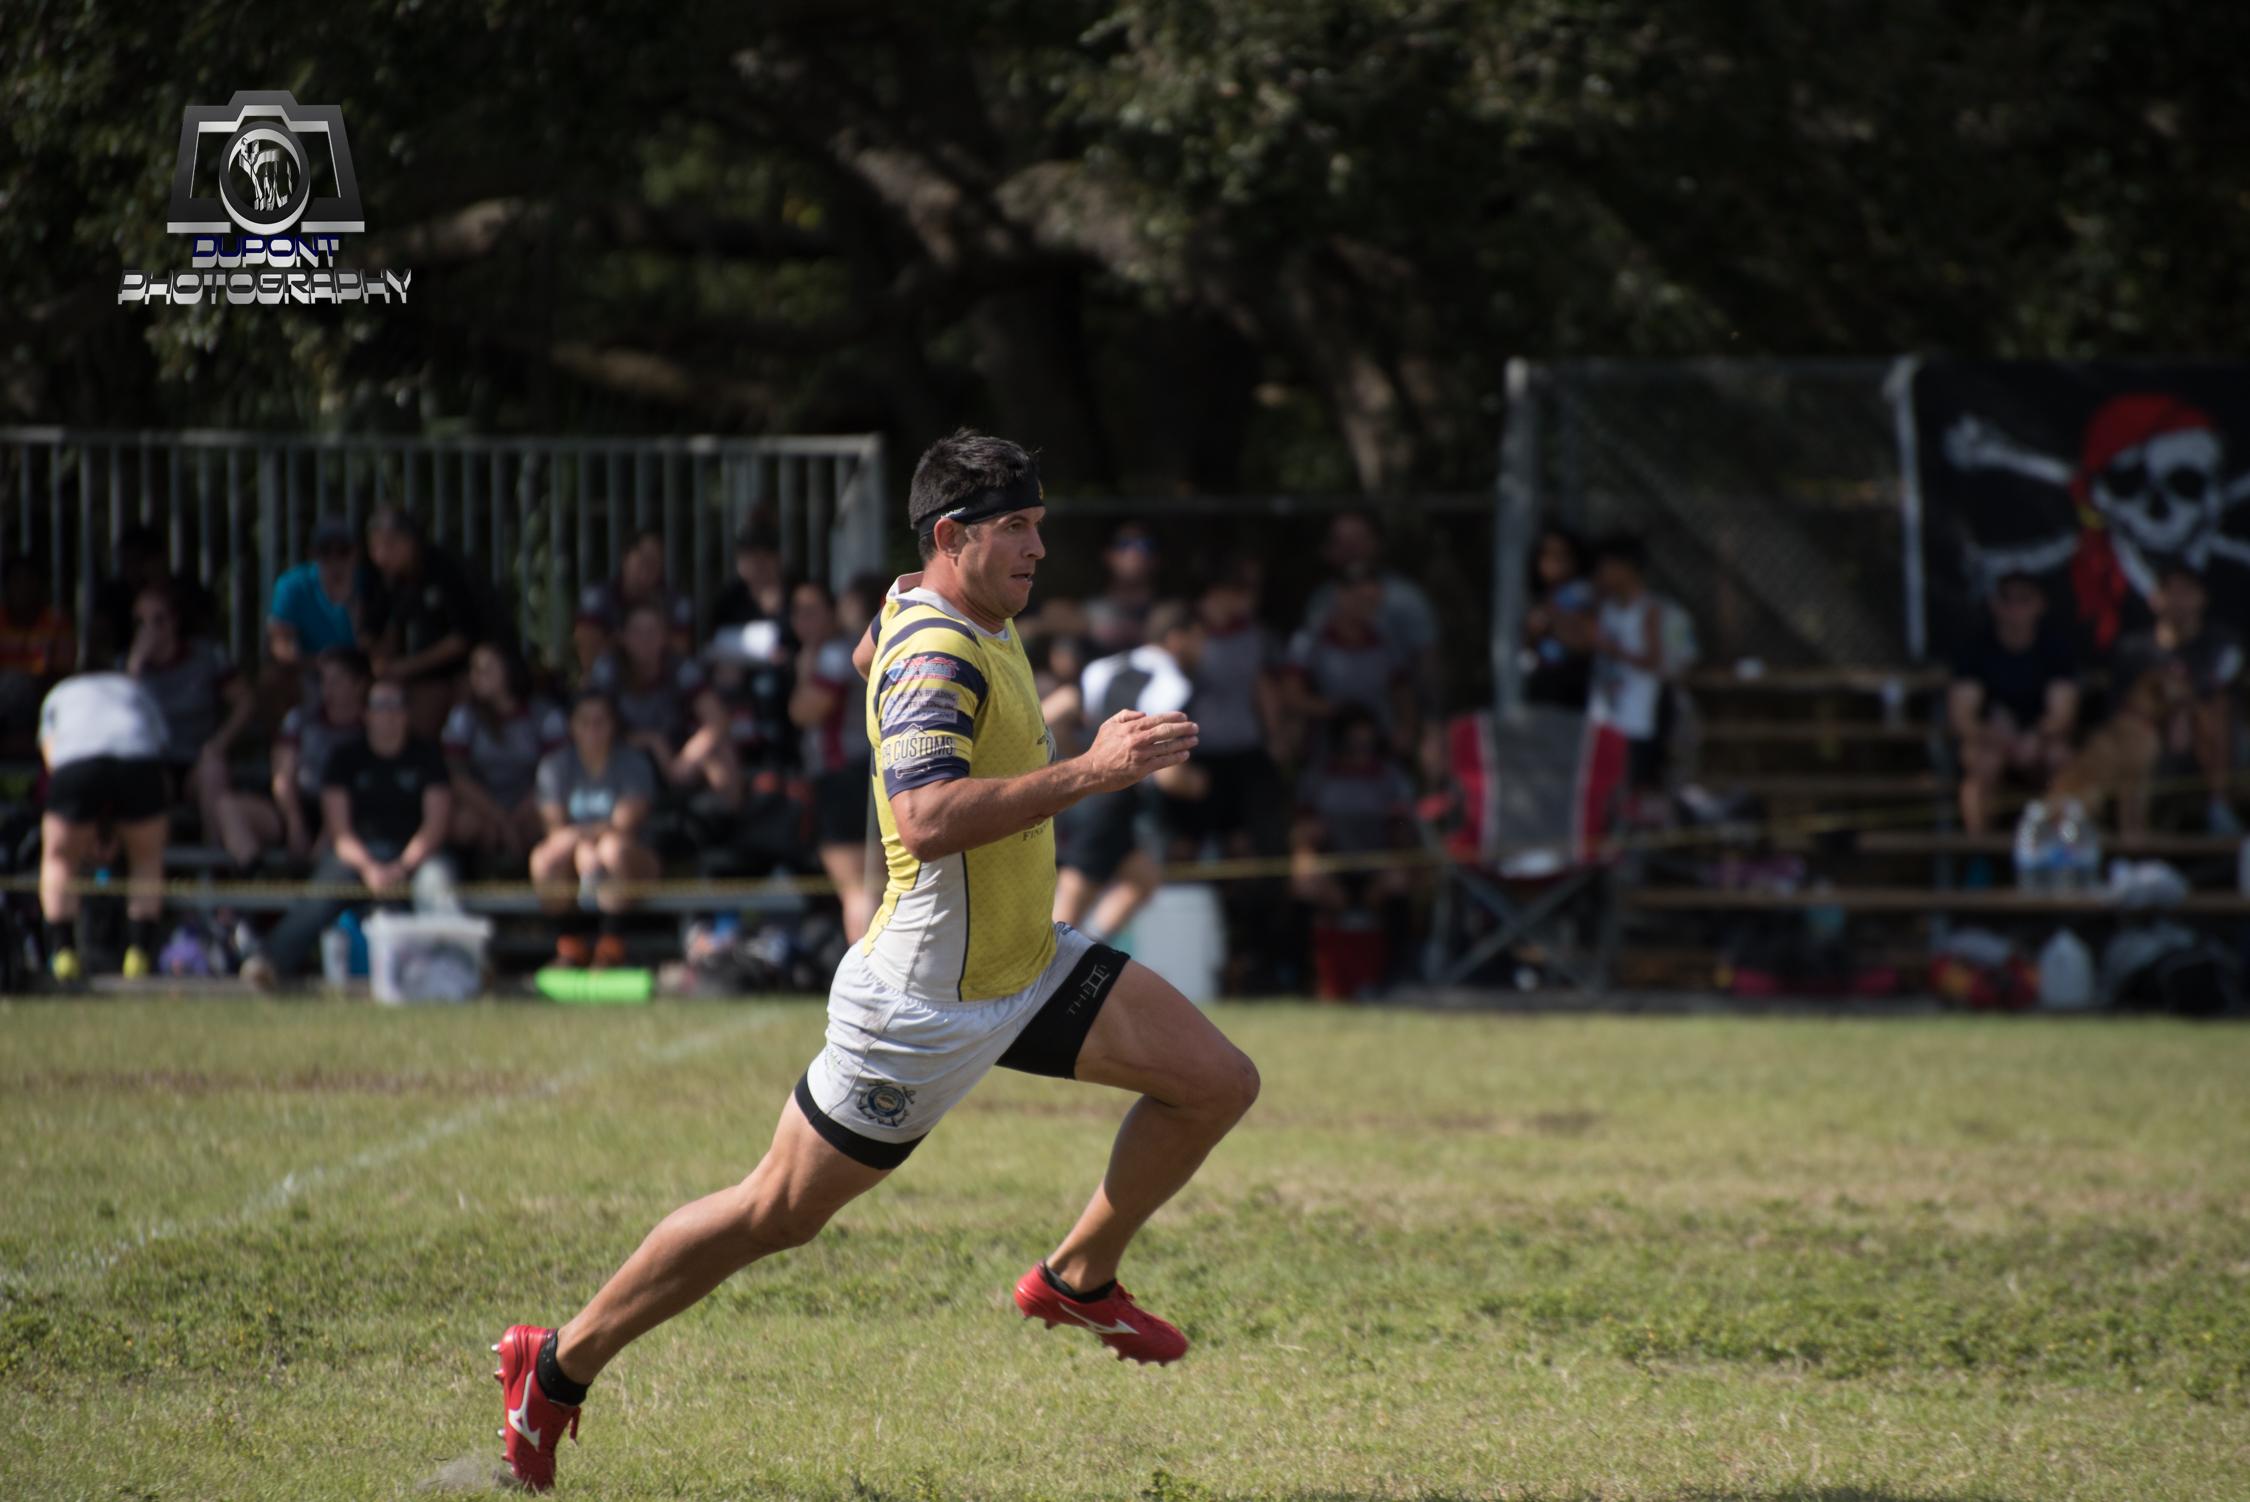 2019-01-19 Rugby-393-7.jpg